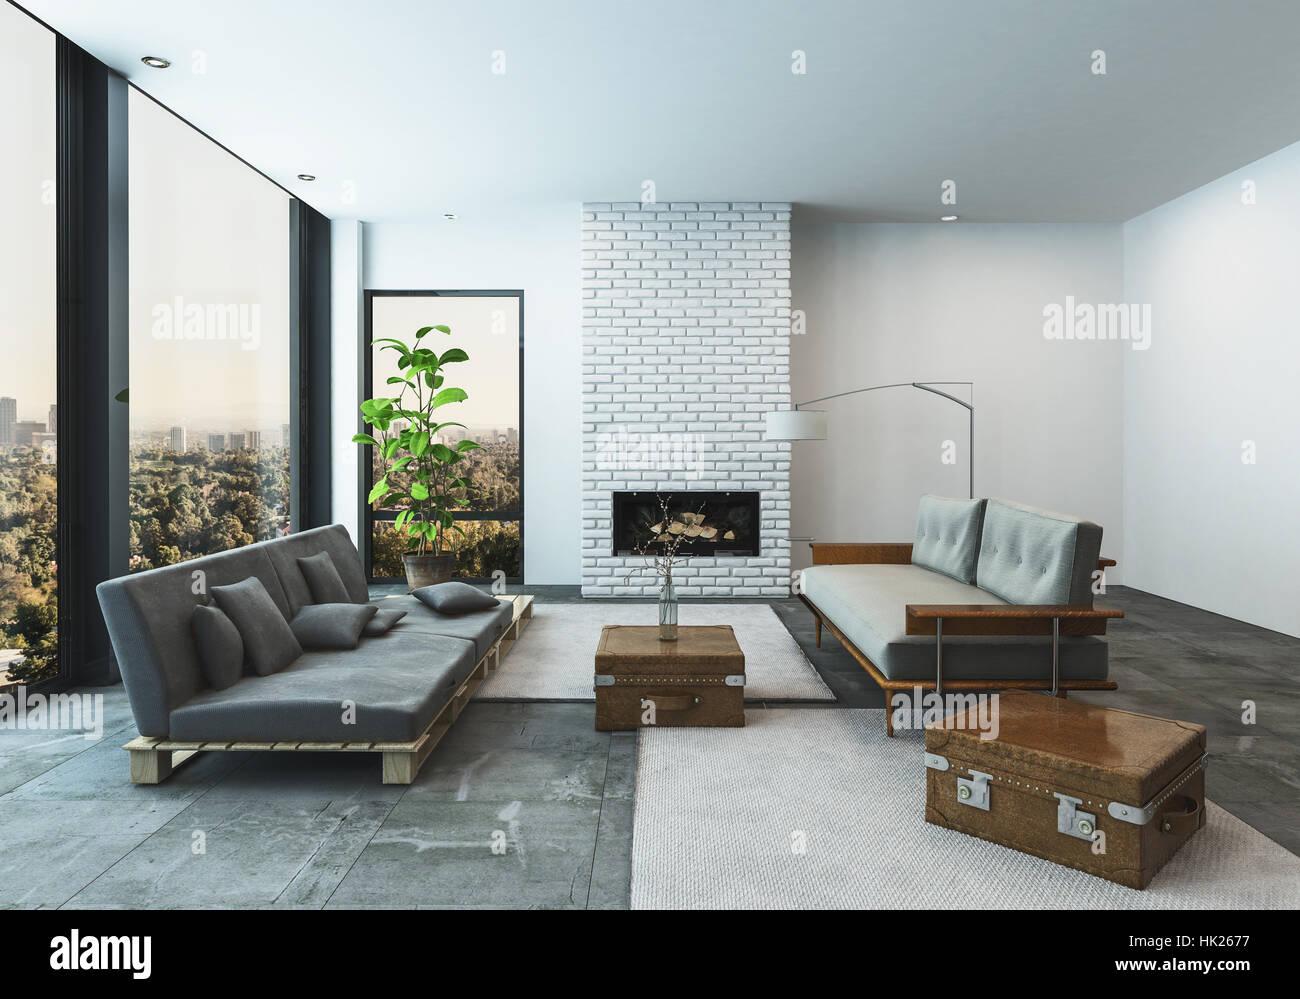 Stilvolle Moderne Wohnzimmer In Einer Wohnung Oder Penthouse Wohnung Mit  Großen Niedrigen Geschleudert Sofas Mit Koffer Akzente In Einem Geräumigen,  ...